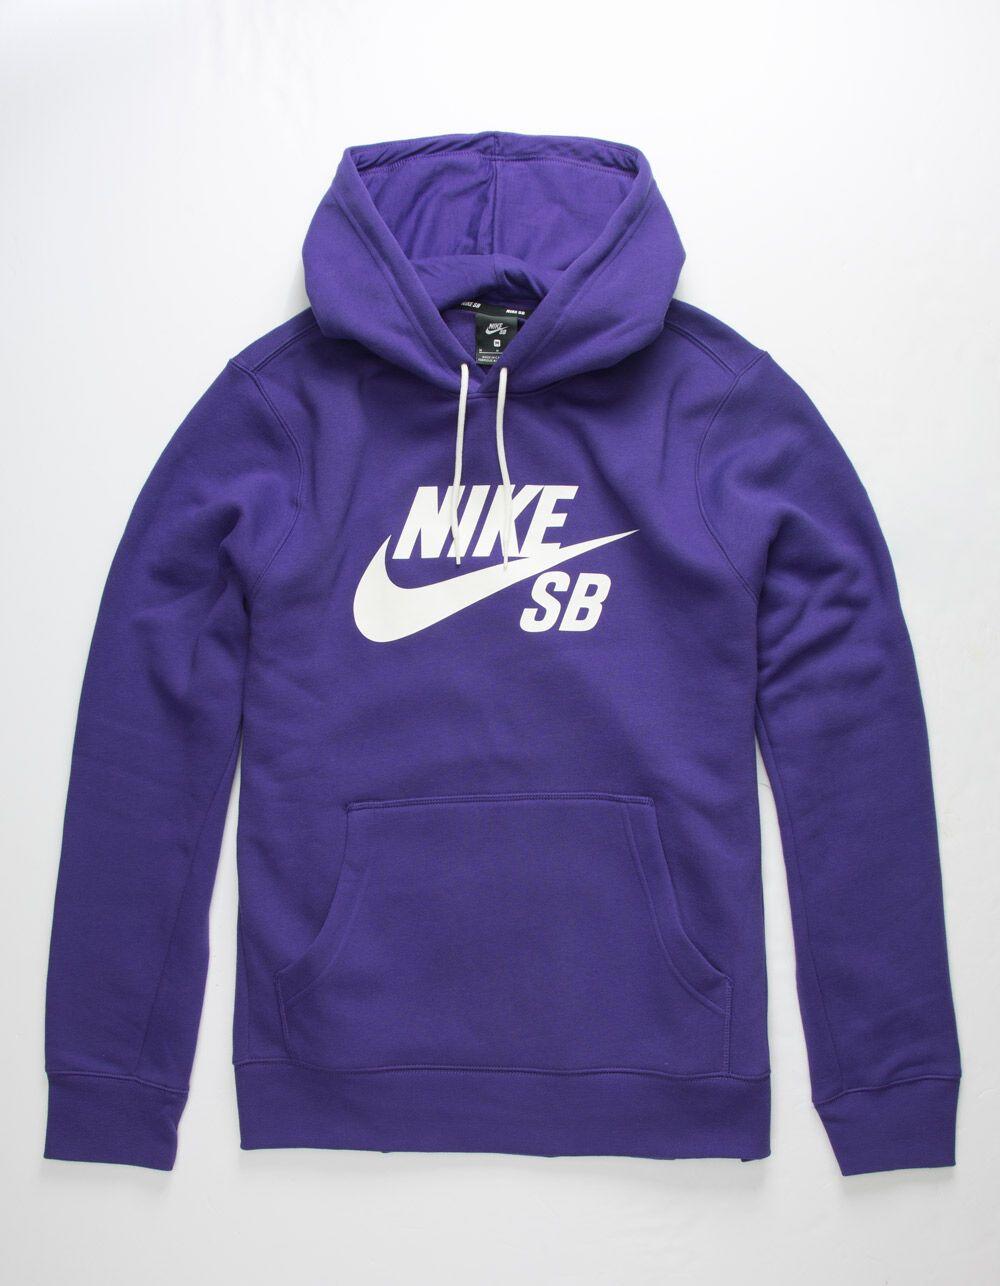 Nike Sb Icon Purple Mens Hoodie Purpl 325147750 Hoodies Men Hoodies Purple Hoodie [ 1286 x 1000 Pixel ]